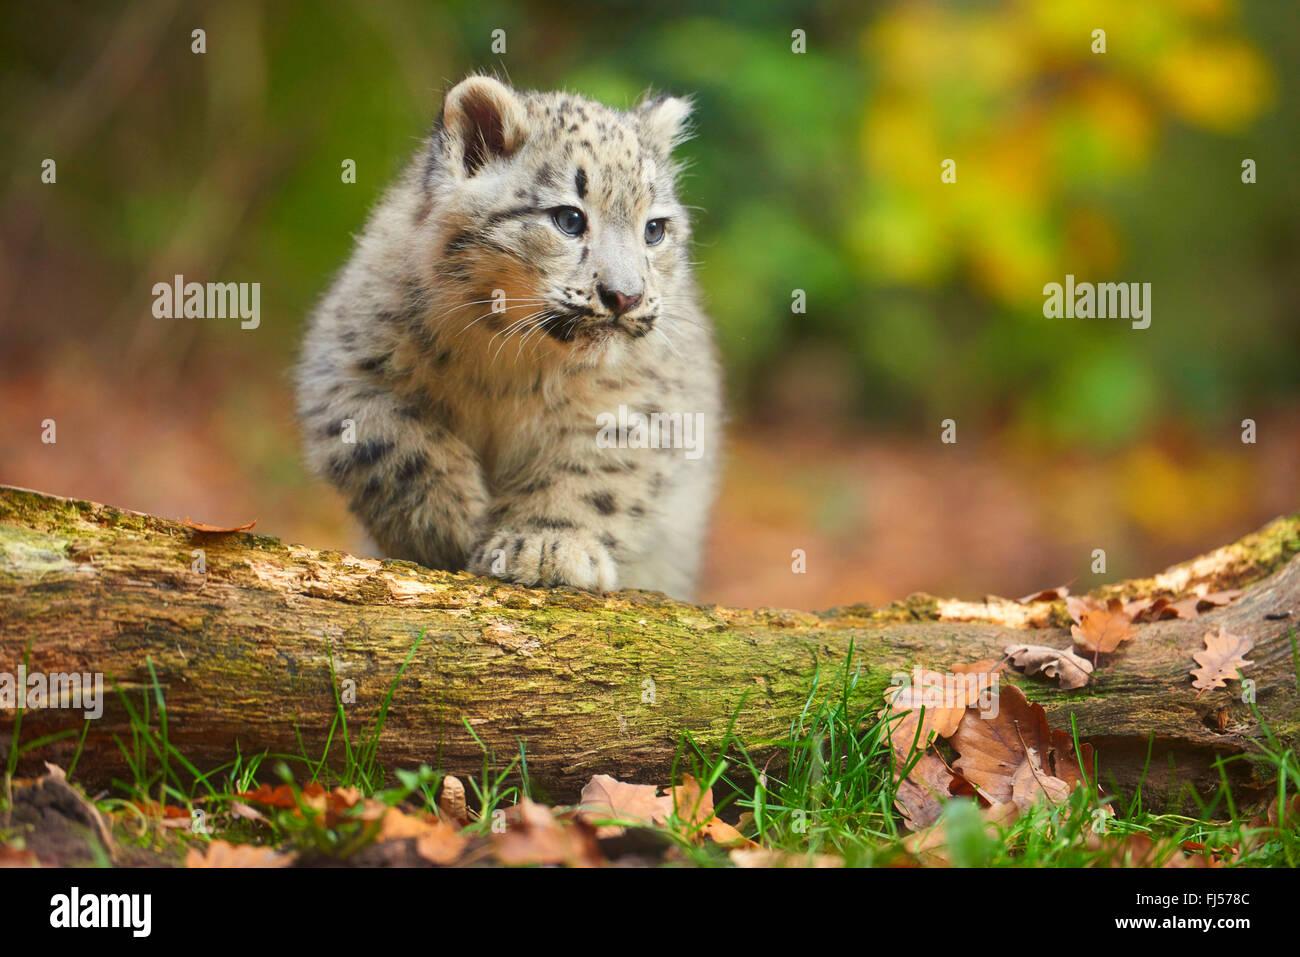 Snow Leopard (Uncia uncia, Panthera uncia), joven escalar encima de un tronco de árbol Imagen De Stock